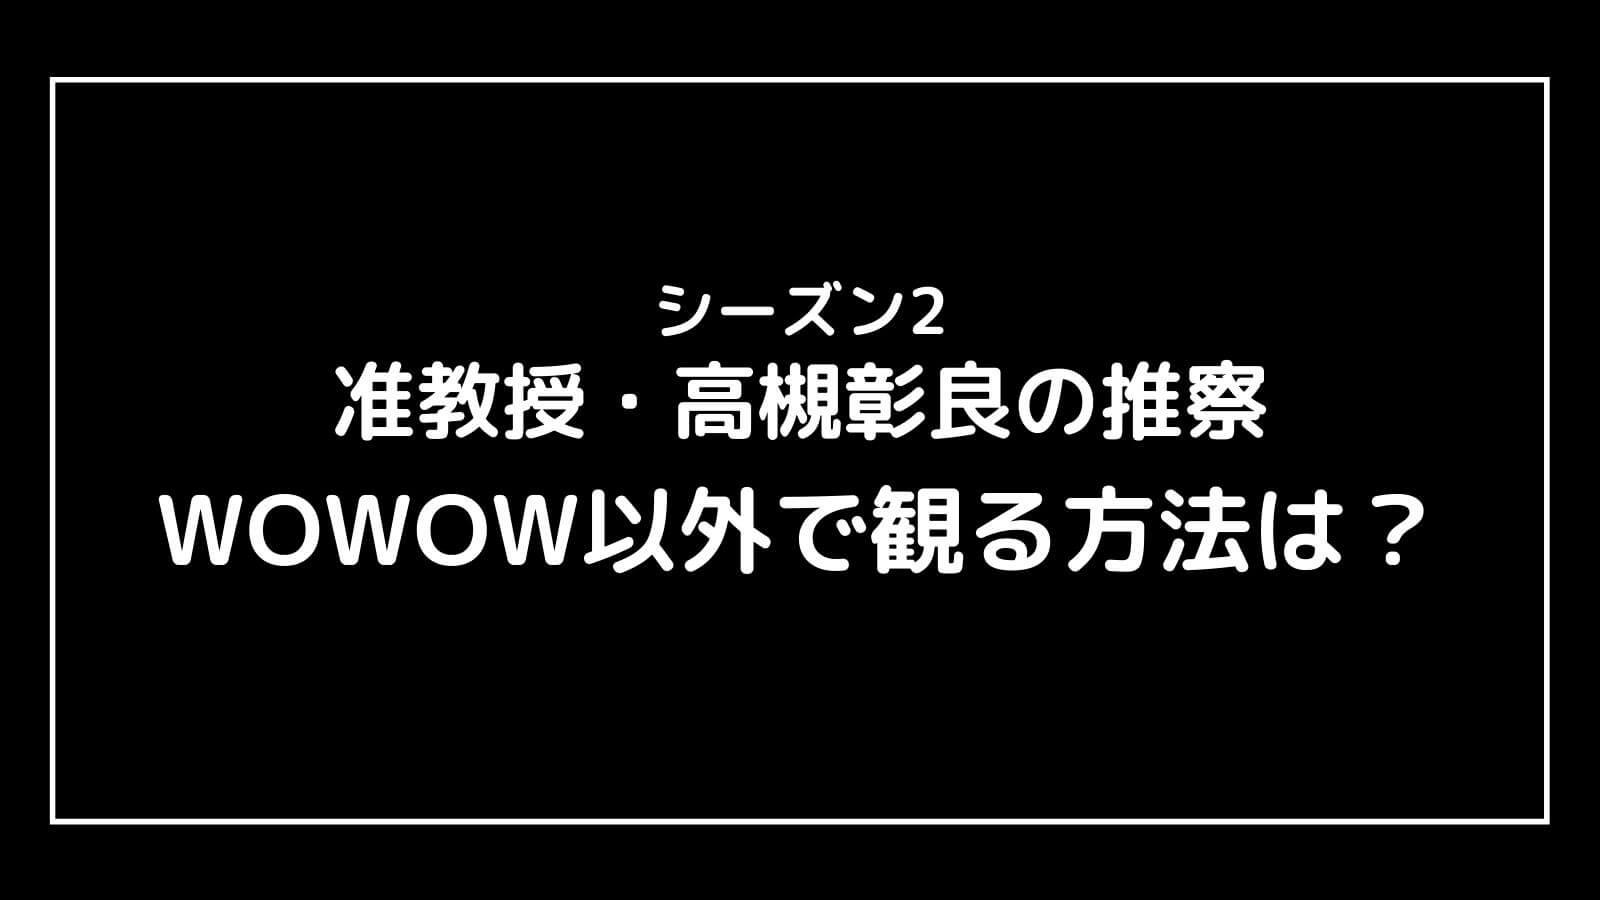 ドラマ『准教授・高槻彰良の推察 シーズン2』をWOWOW以外で観る方法